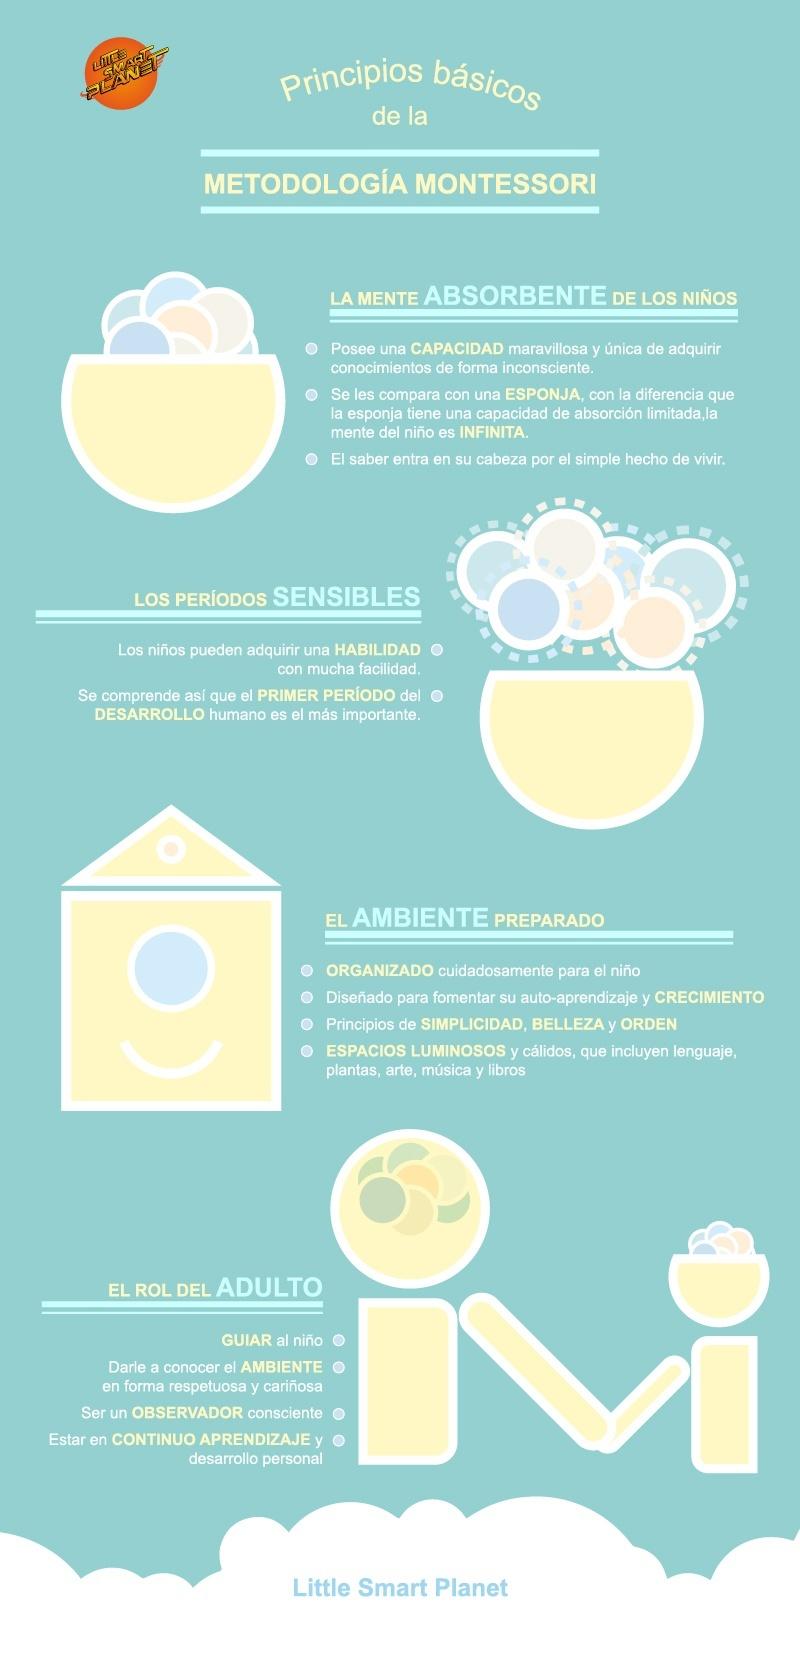 Principios básicos de la metodología Montessori